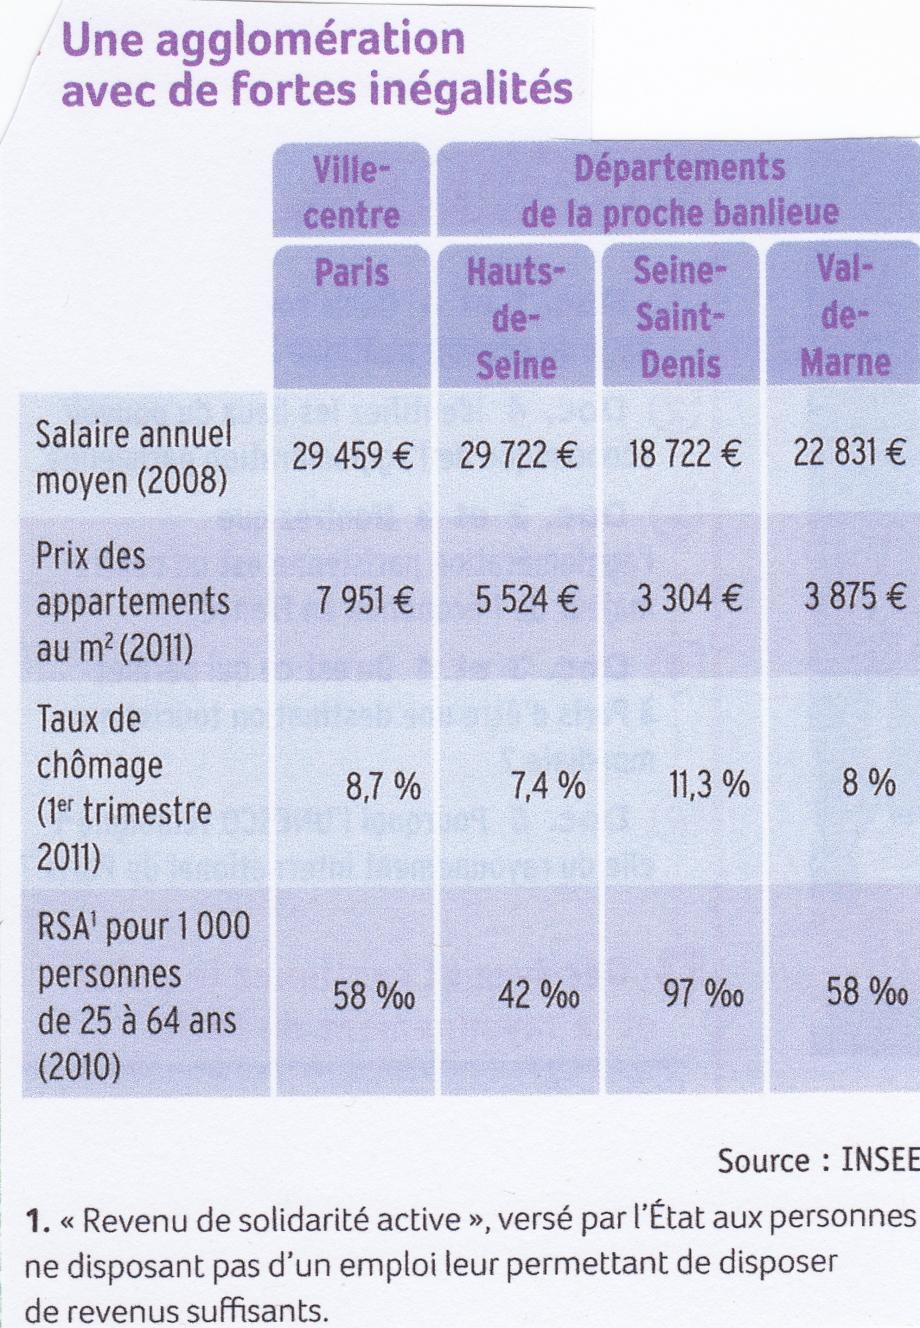 Paris. Inégalités sociales dans l'agglo. Tableau.jpg